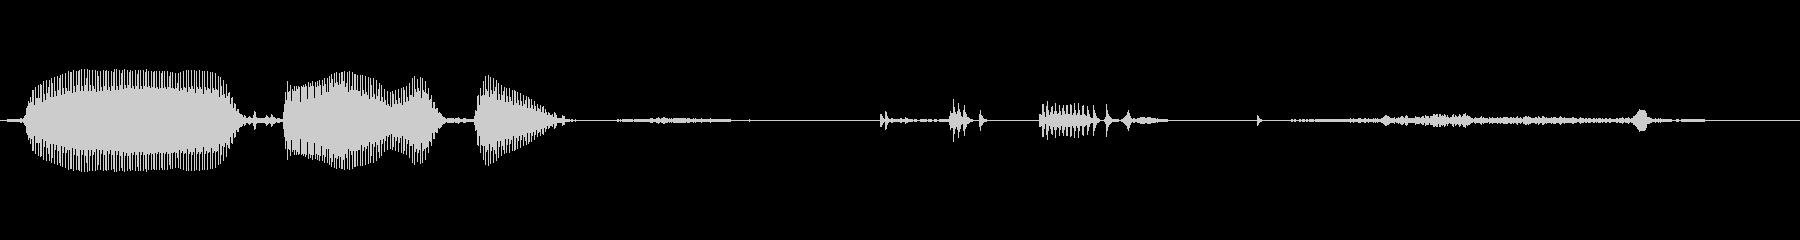 幼児(1~2歳)の笑い声 - 05の未再生の波形